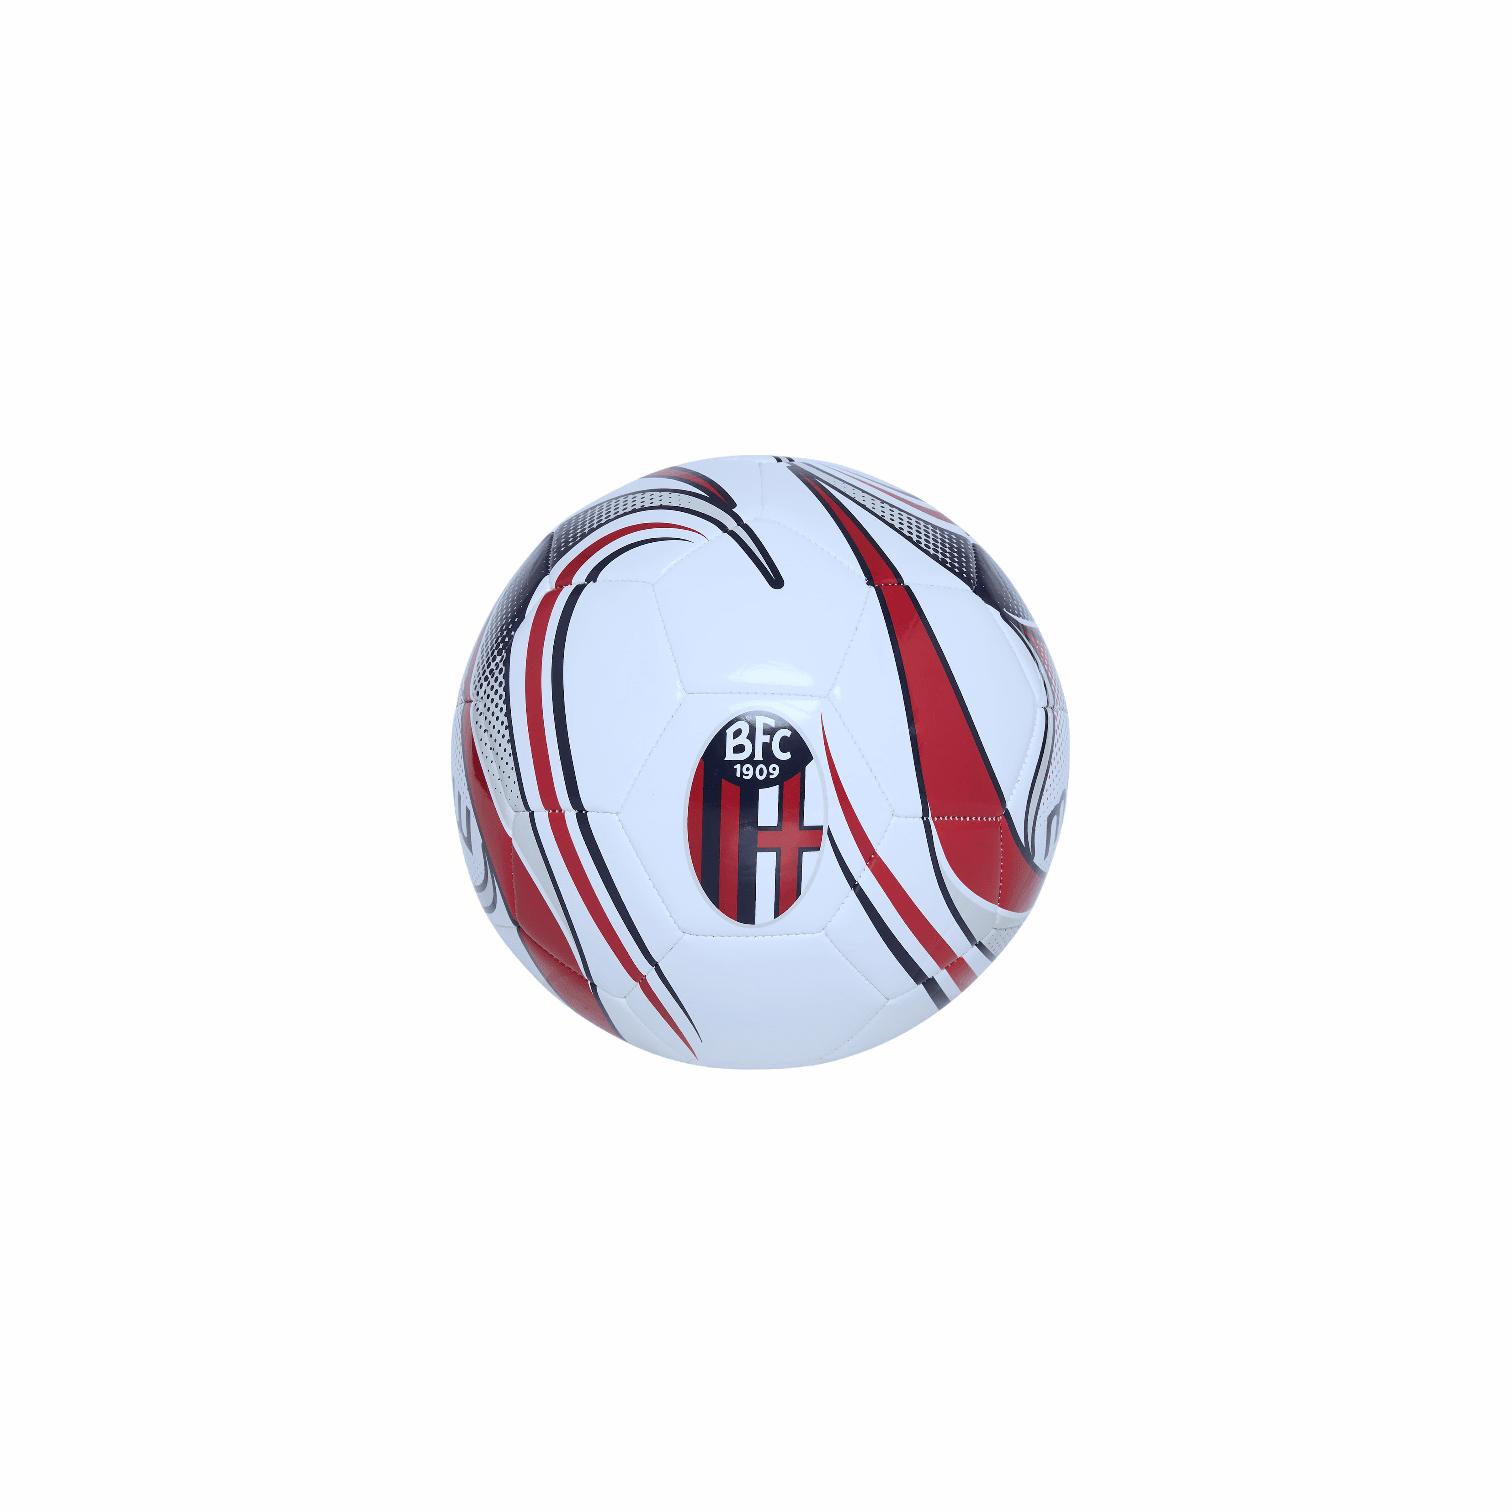 MINI-BALL N.1 2020/21 Bologna Fc